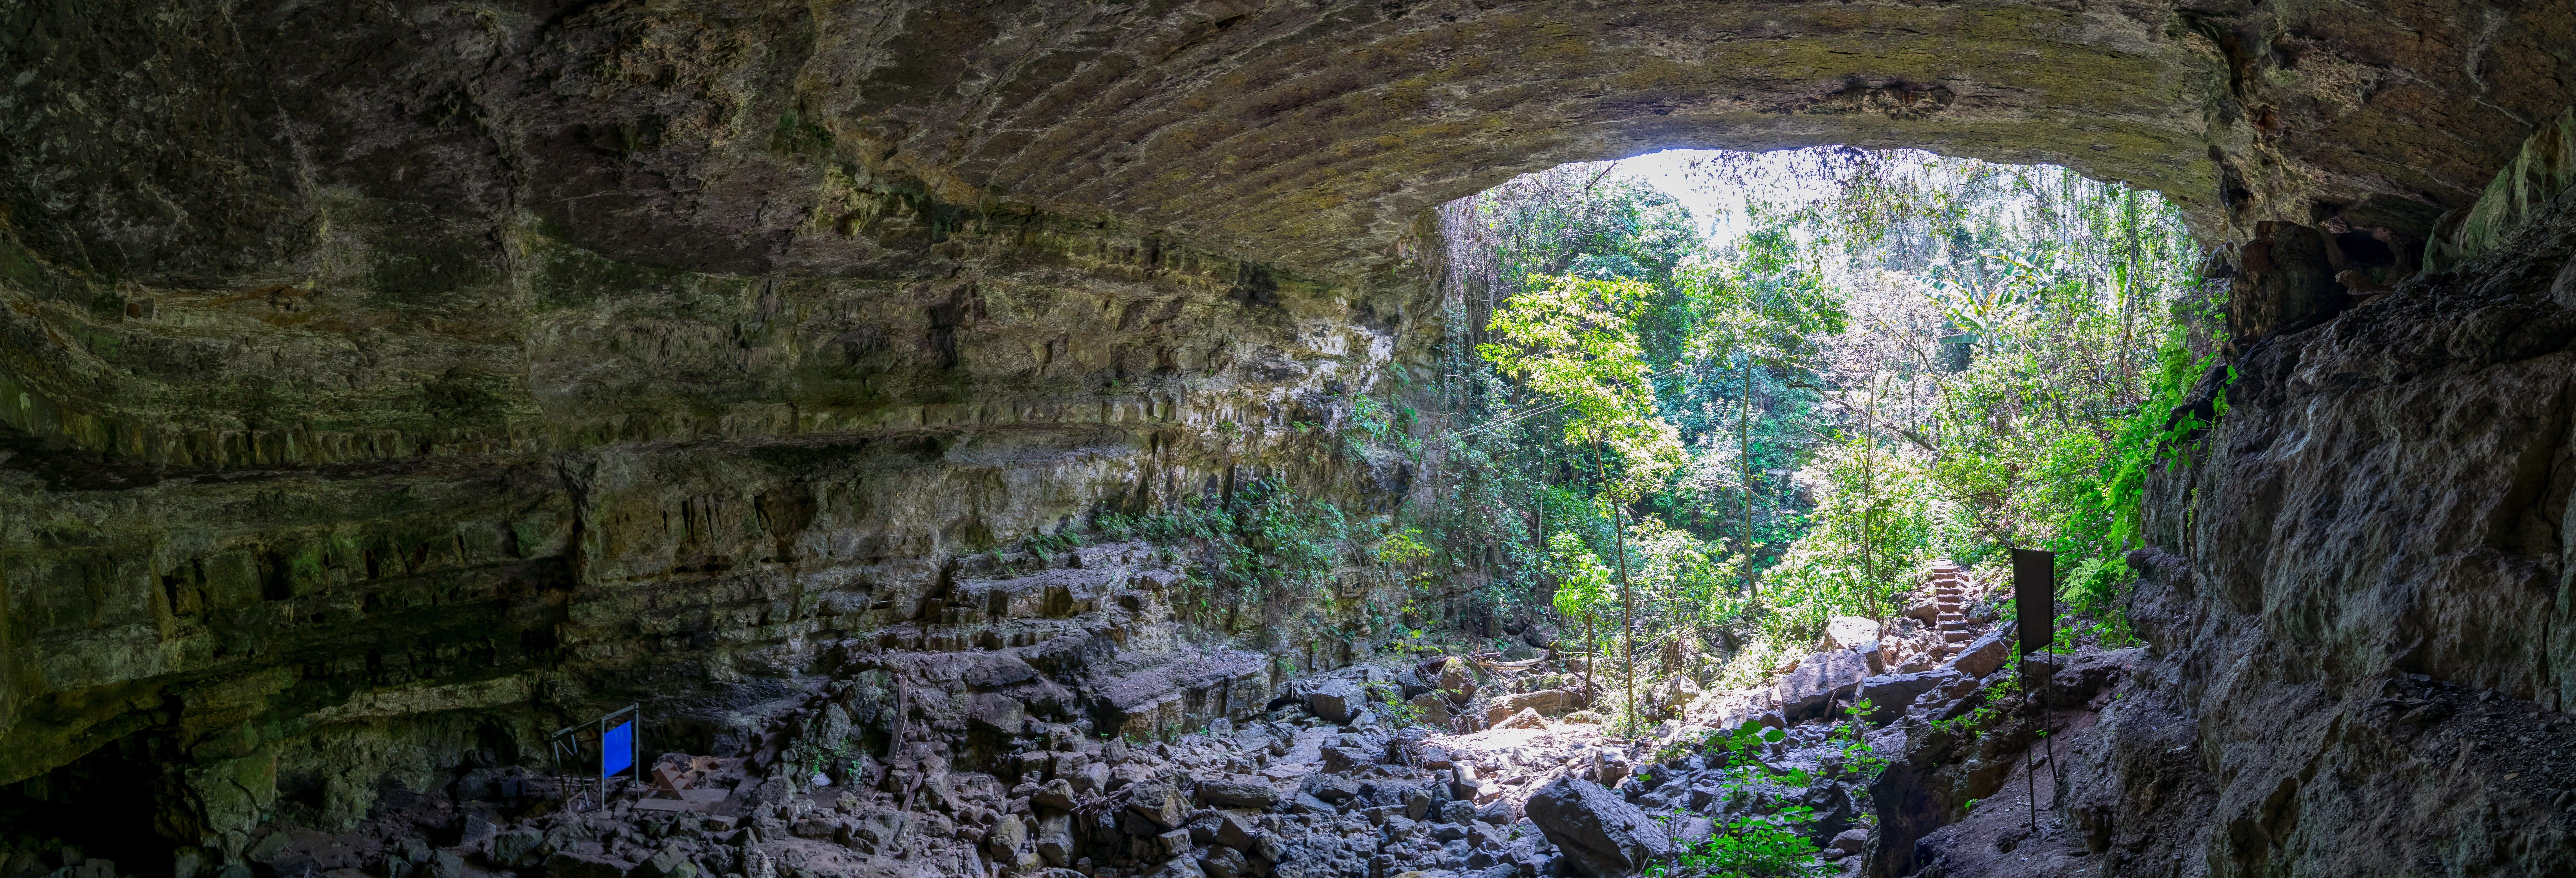 Excursión a la Cueva del Indio